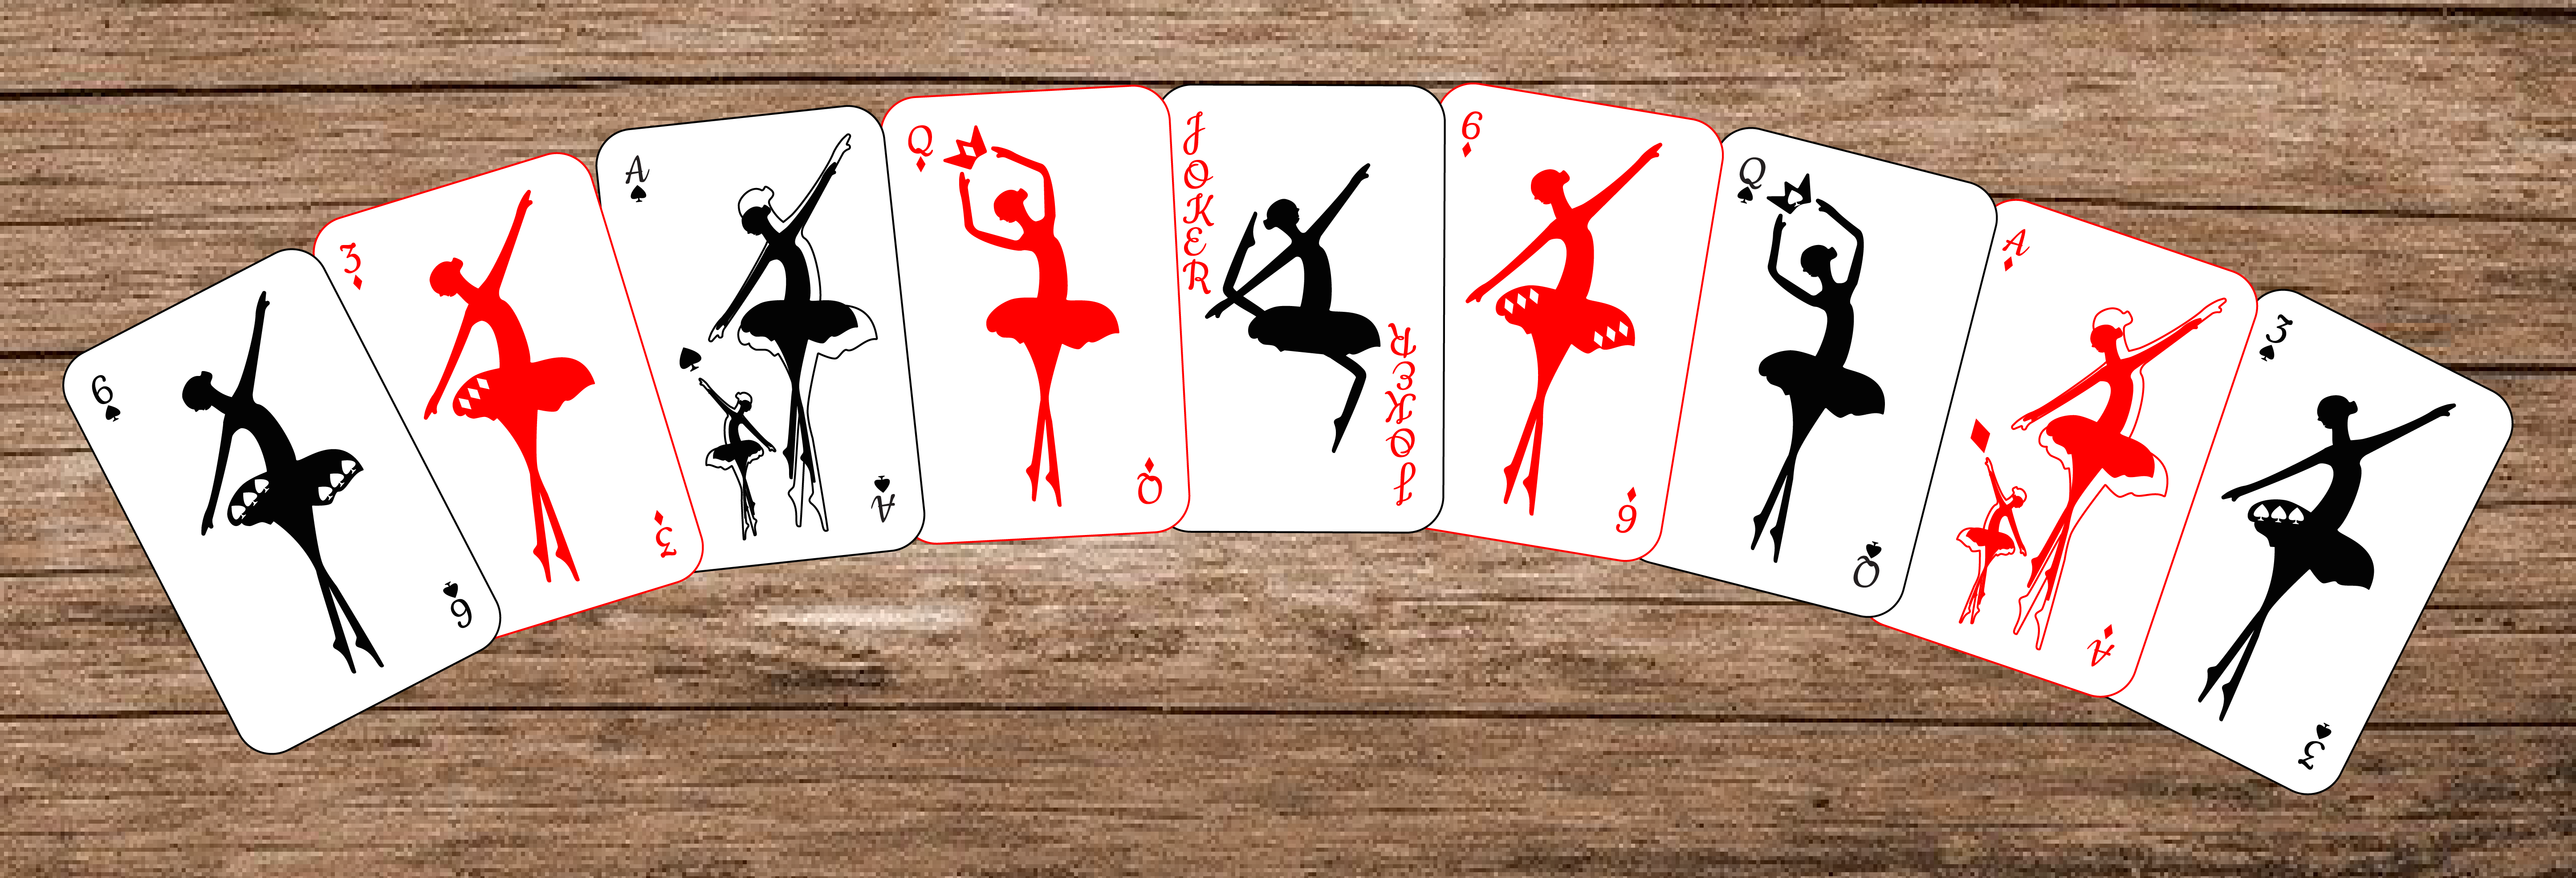 חבילת קלפים - שיר קליין